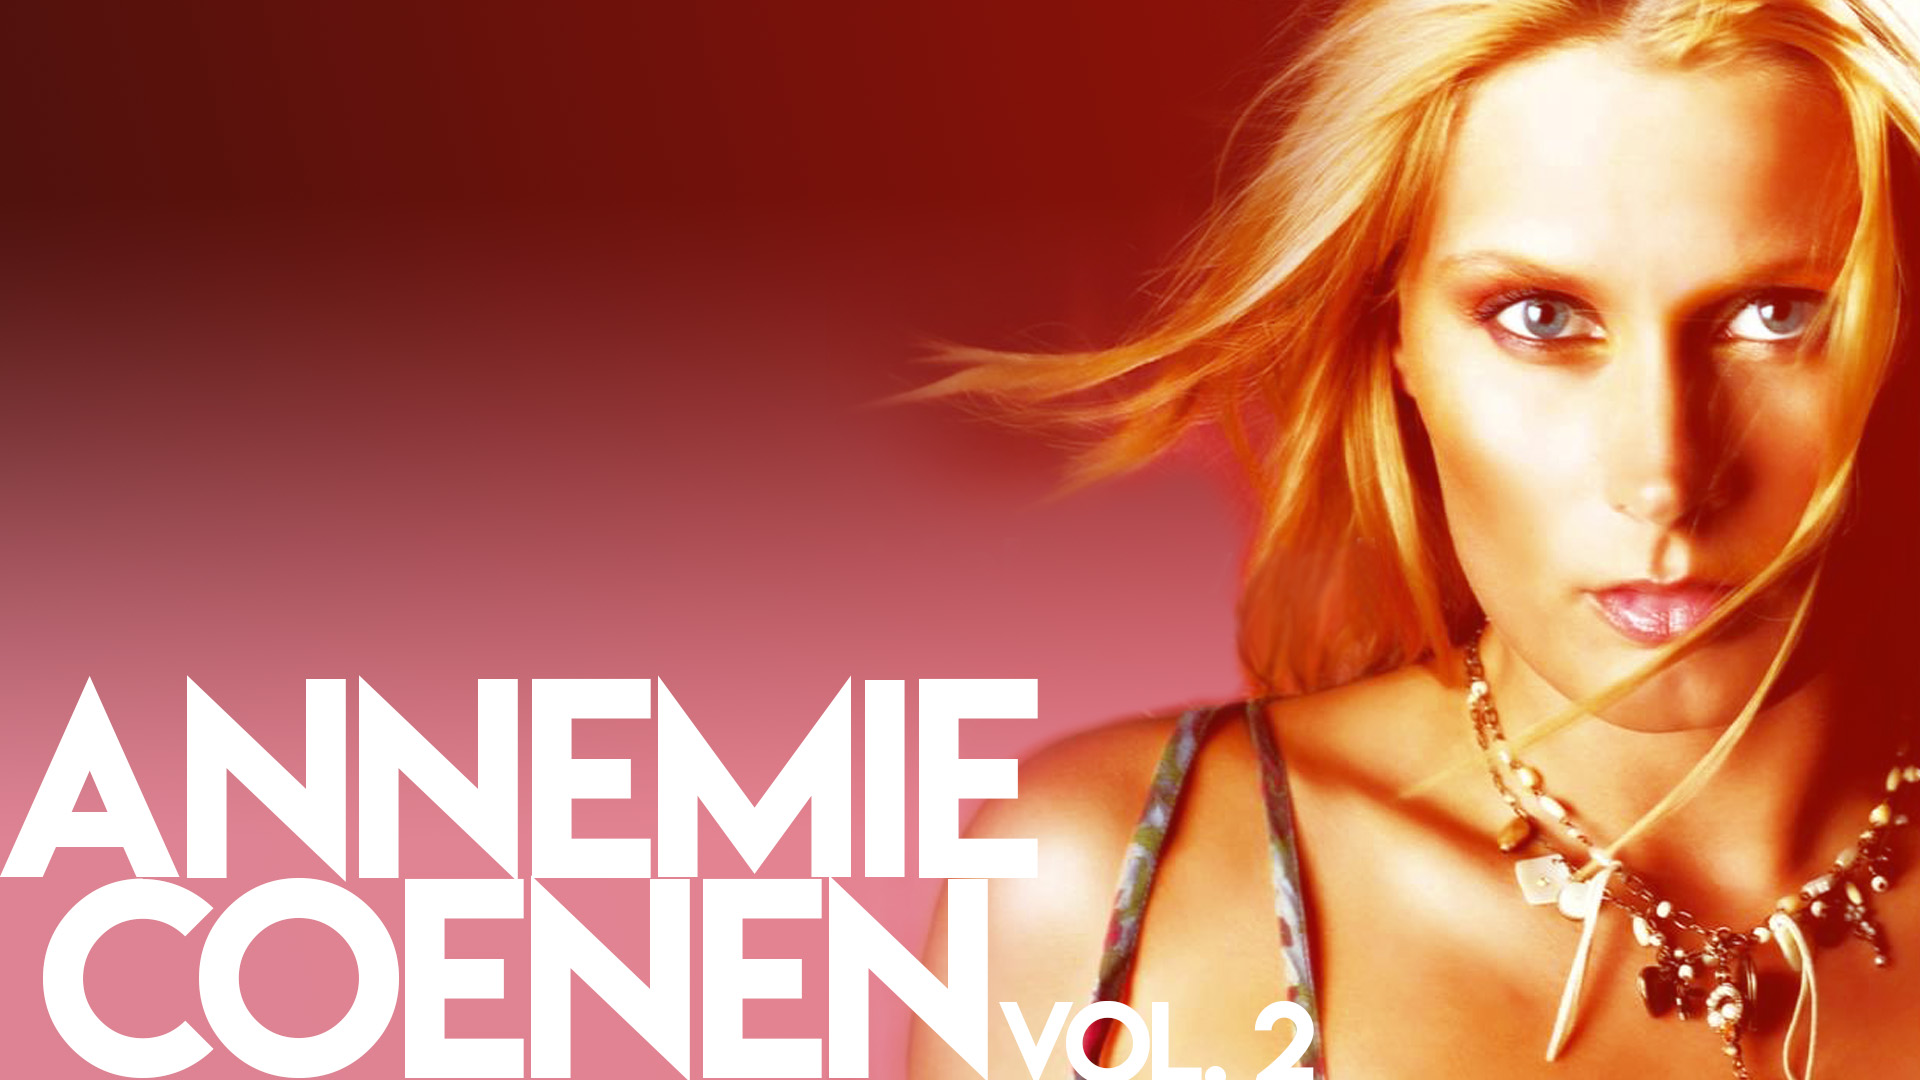 Annemie coenen 2